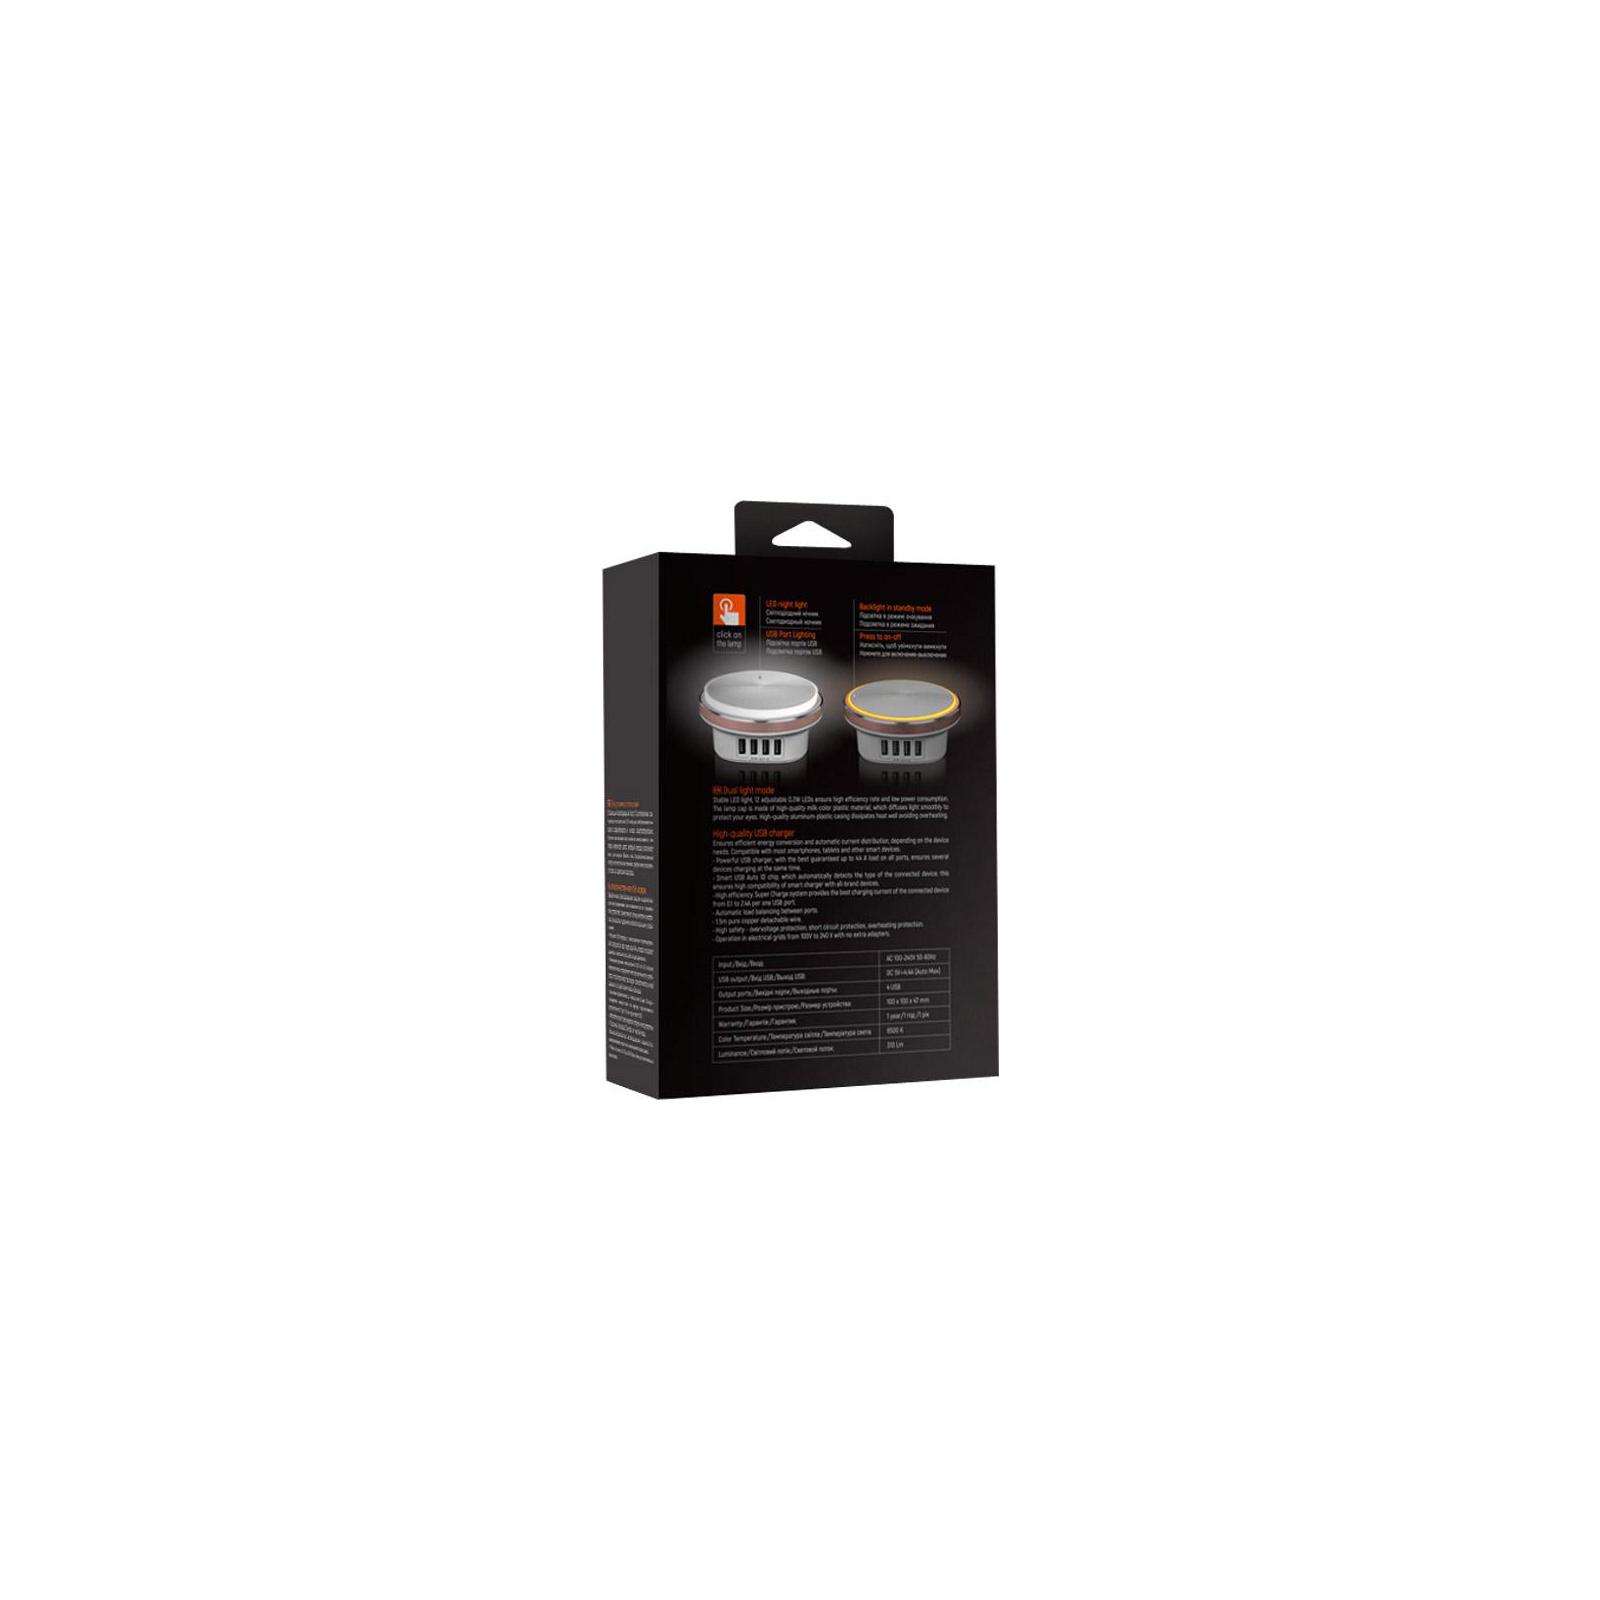 Зарядное устройство ColorWay 4*USB 4.4А + LED лампа 310 Lm (CW-CHL44A) изображение 8